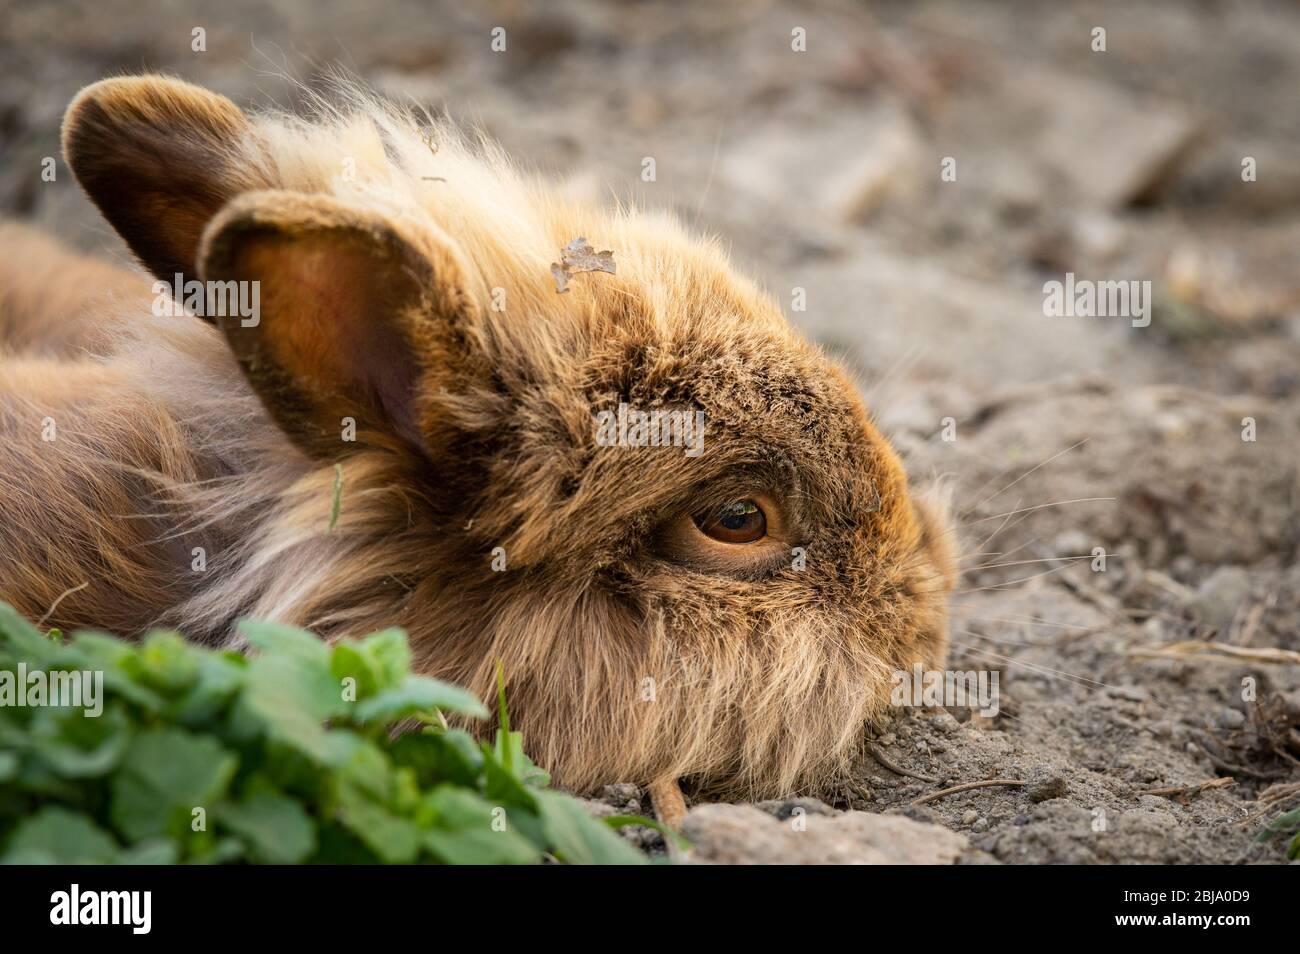 Ein braunes, niedliches Zwergkaninchen (Löwenkopf), das im Garten auf dem Boden ruht Stockfoto